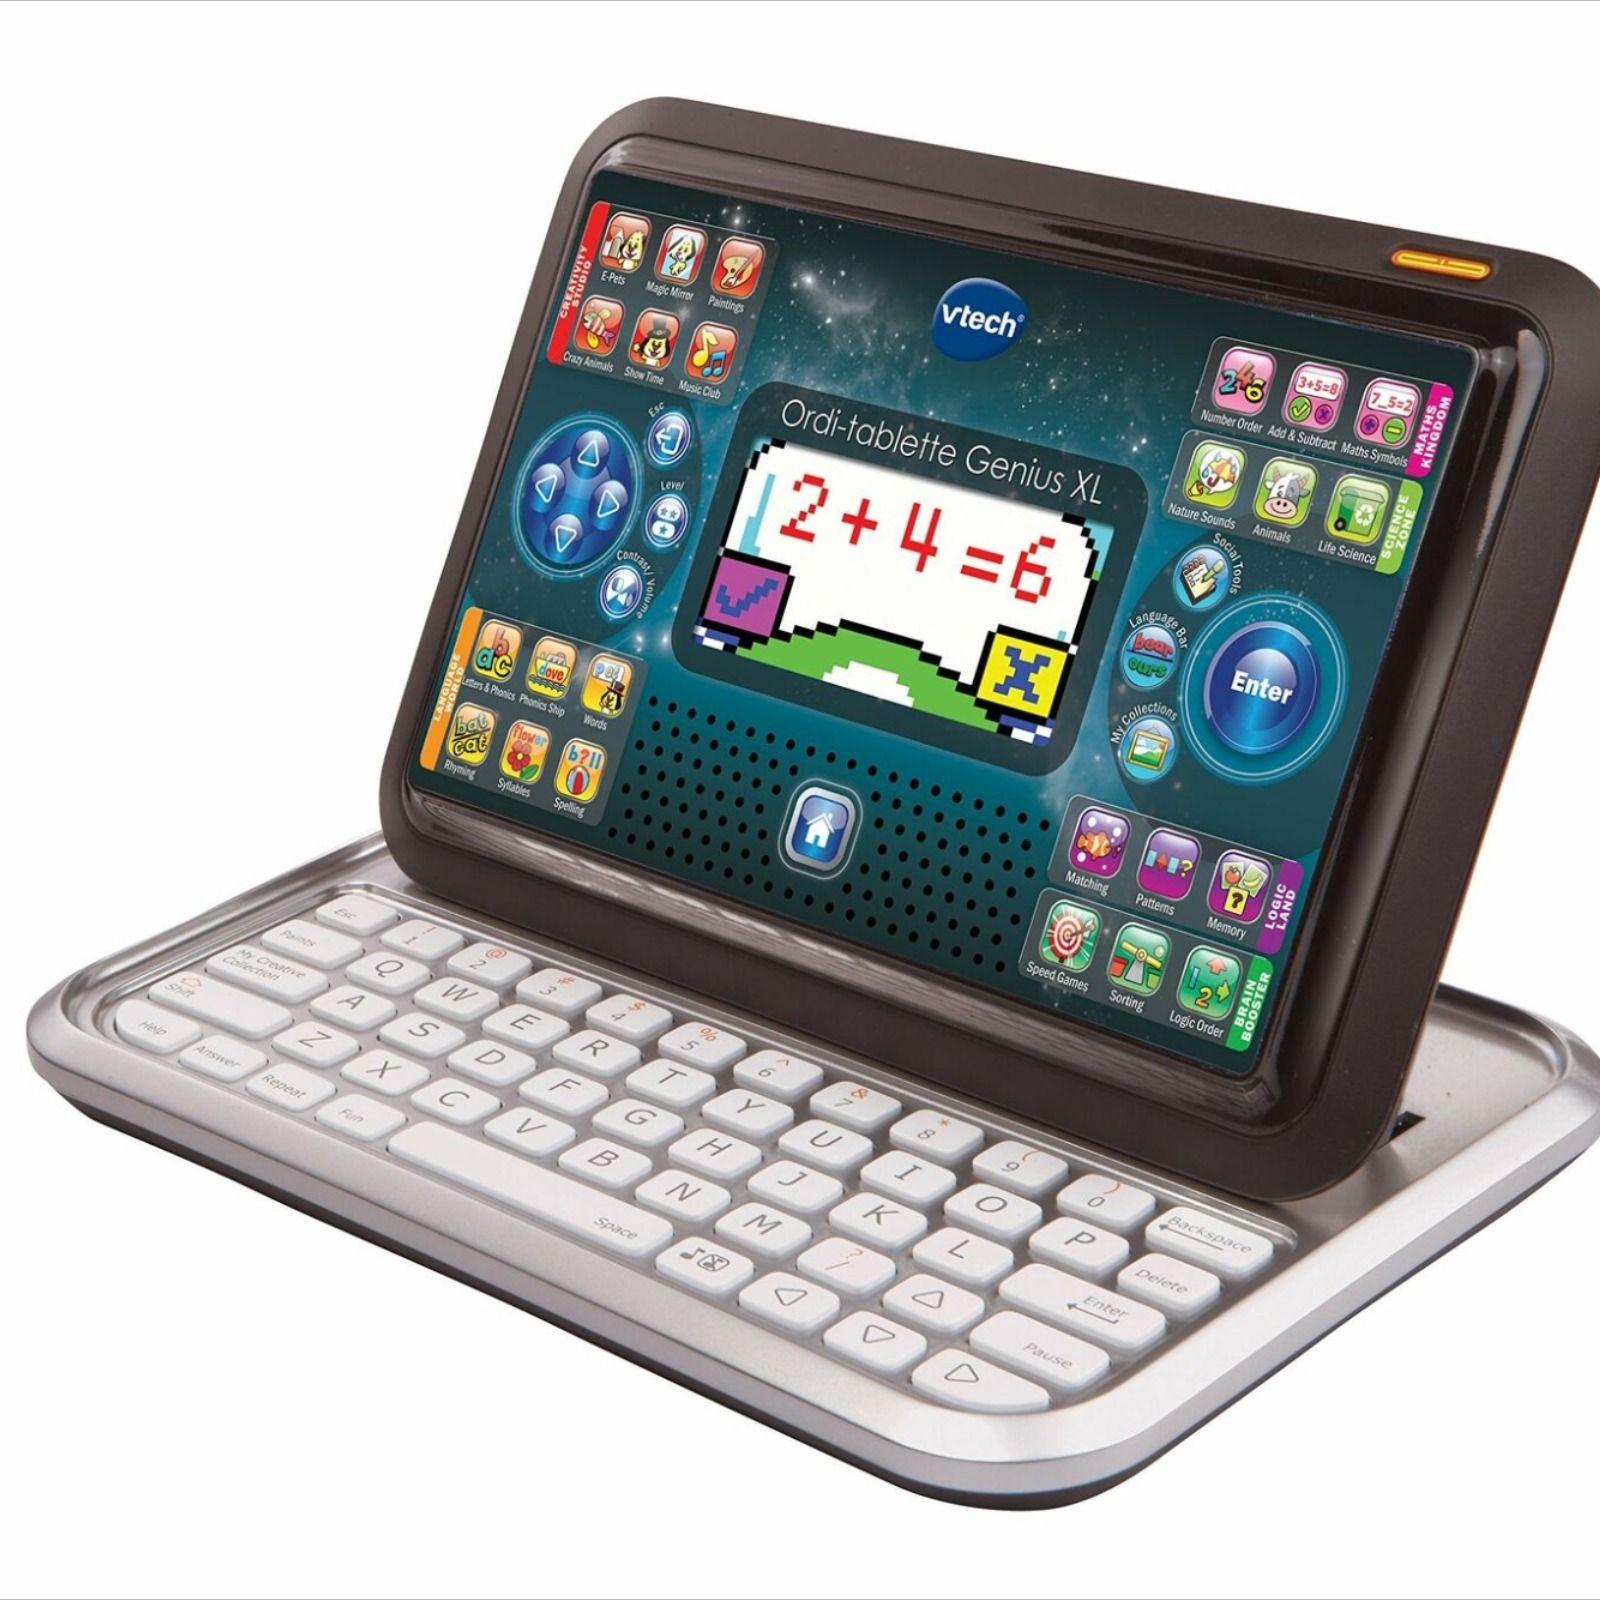 Vtech, Jouet, Jeux, Ordinateur, Tablette, Ordi-Tablette pour Ordinateur Educatif Enfant